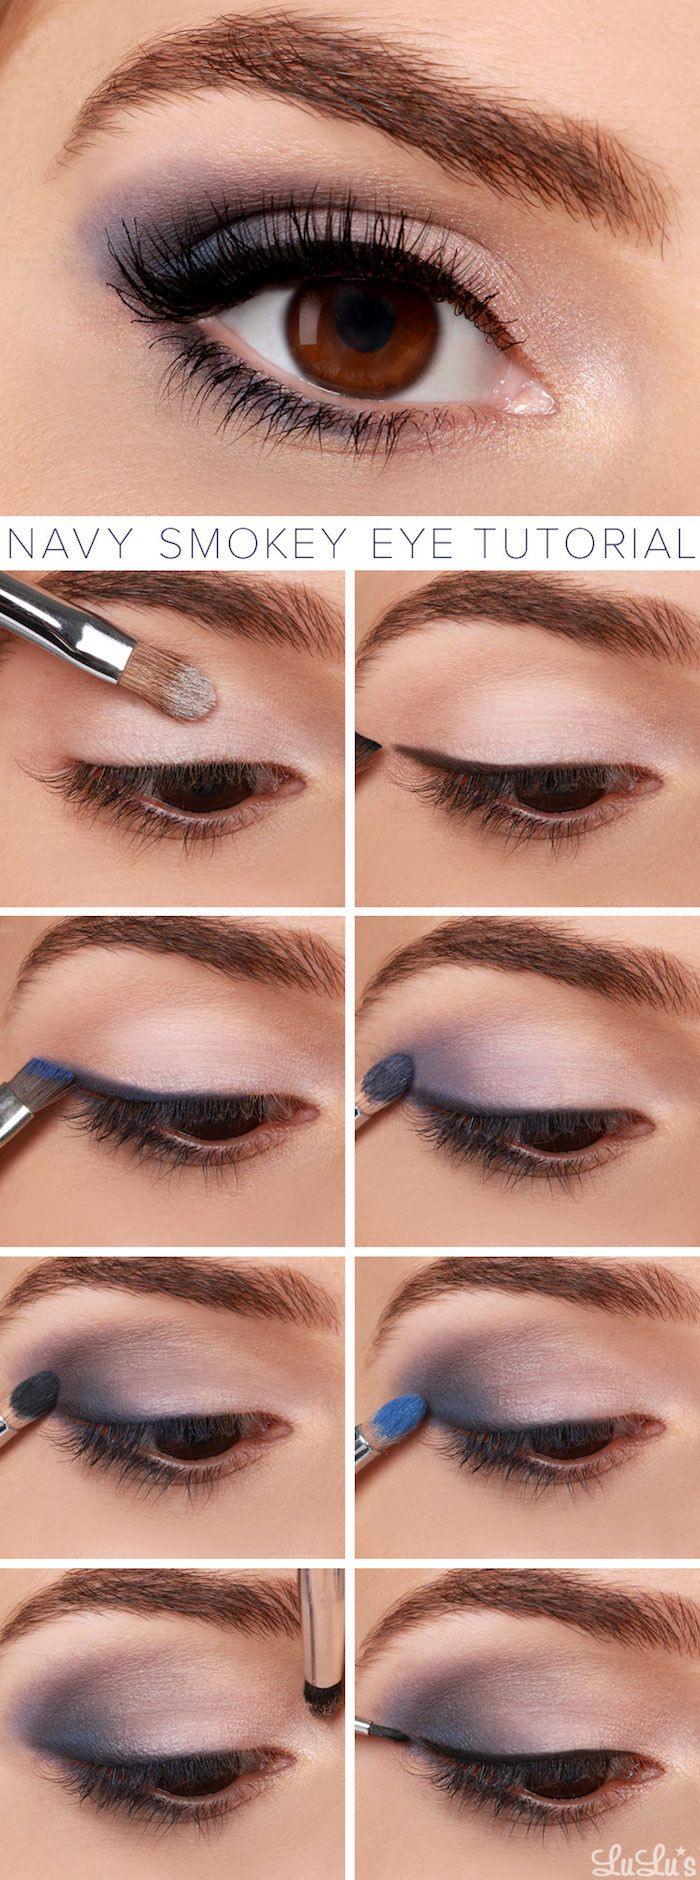 15 Spektakulär Abend Make Up Zum Blauen Kleid Bester PreisDesigner Kreativ Abend Make Up Zum Blauen Kleid Design